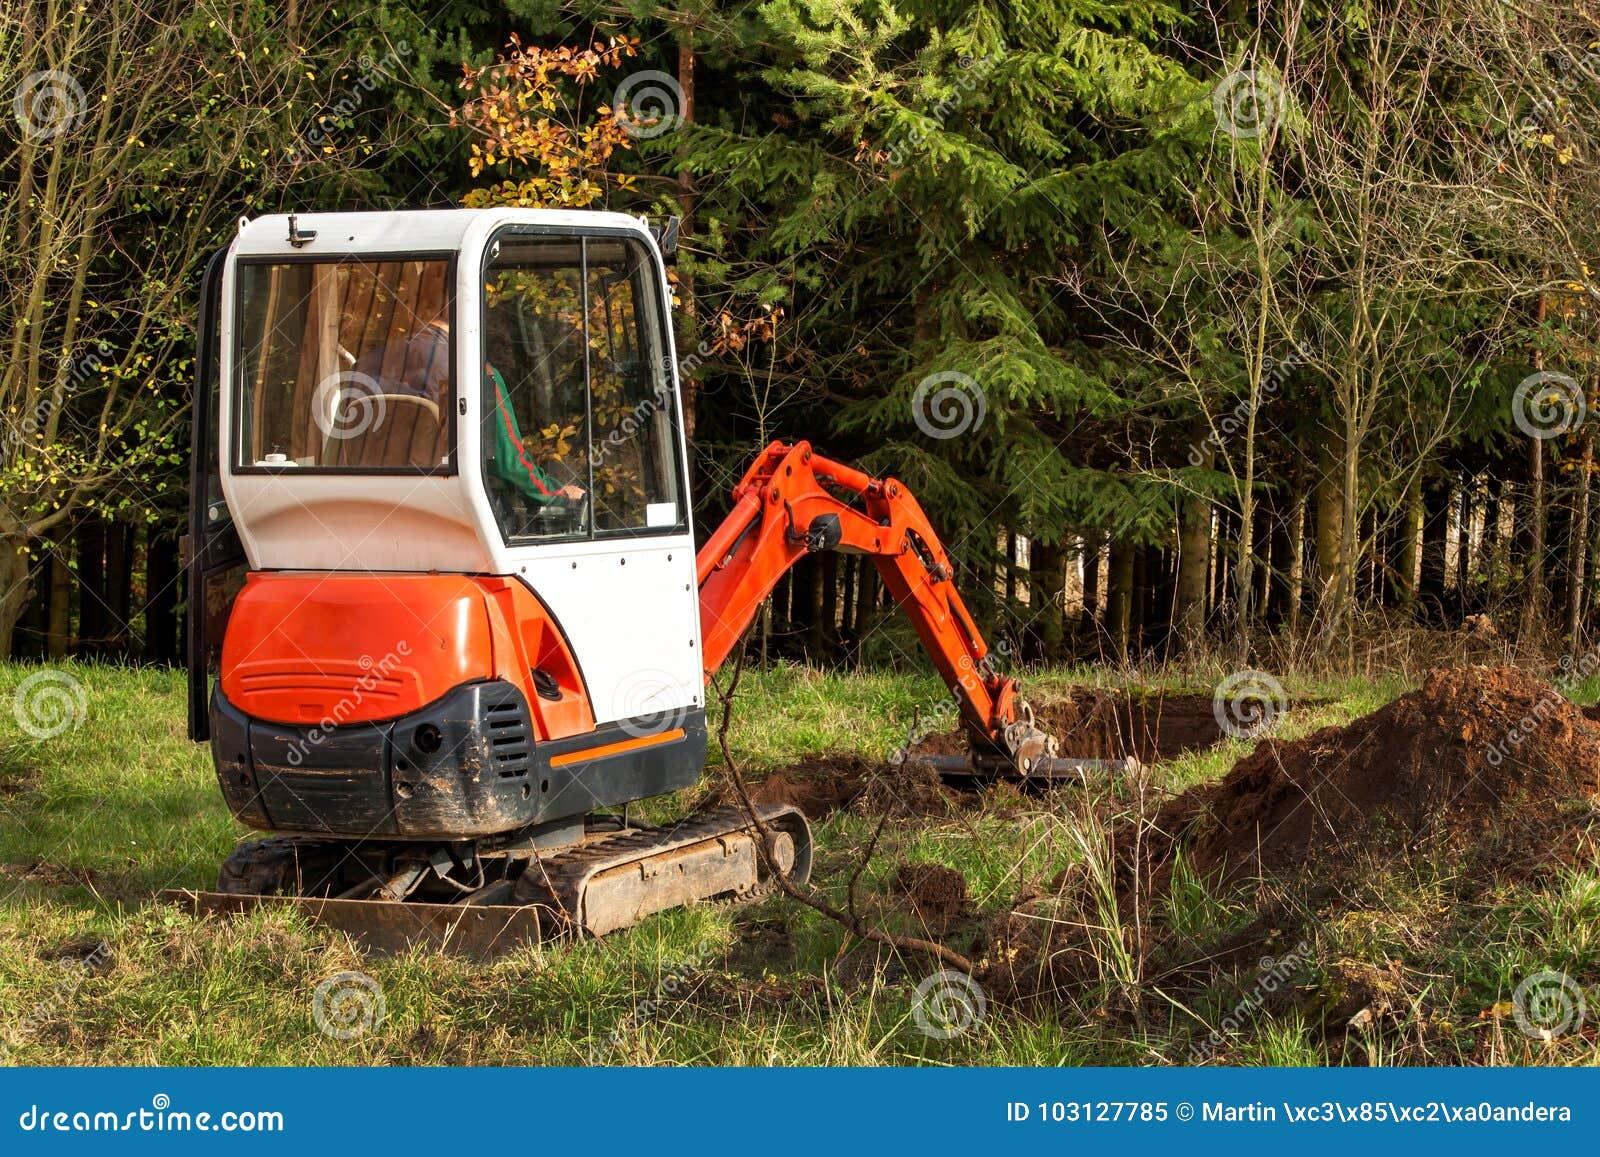 Trabalhe no canteiro de obras de uma casa ecológica A máquina escavadora ajusta o terreno Um escavador pequeno no jardim